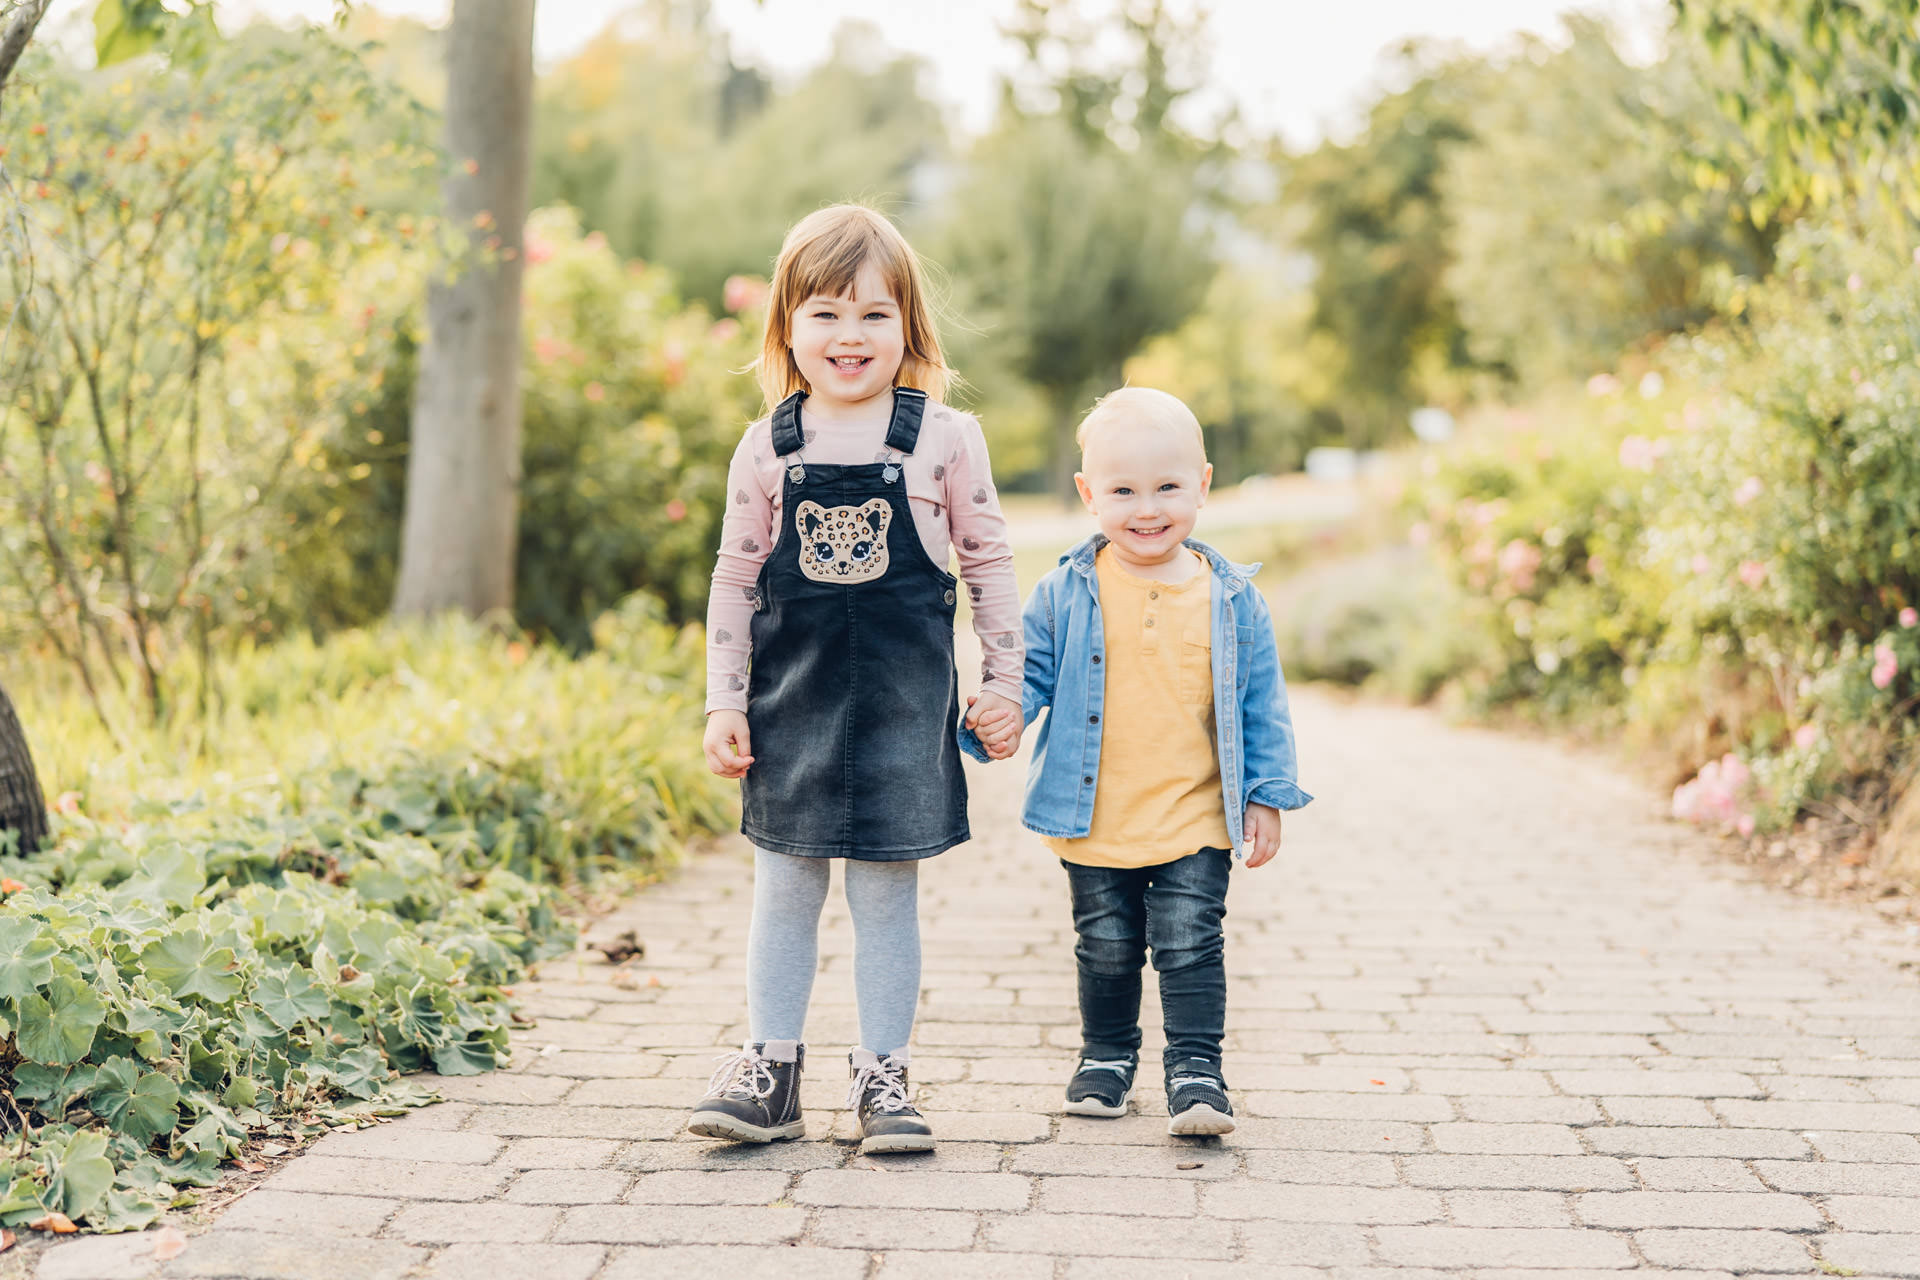 Geschwister Mädchen und Junge halten Händchen bei Familienshooting in Rheinland Pfalz